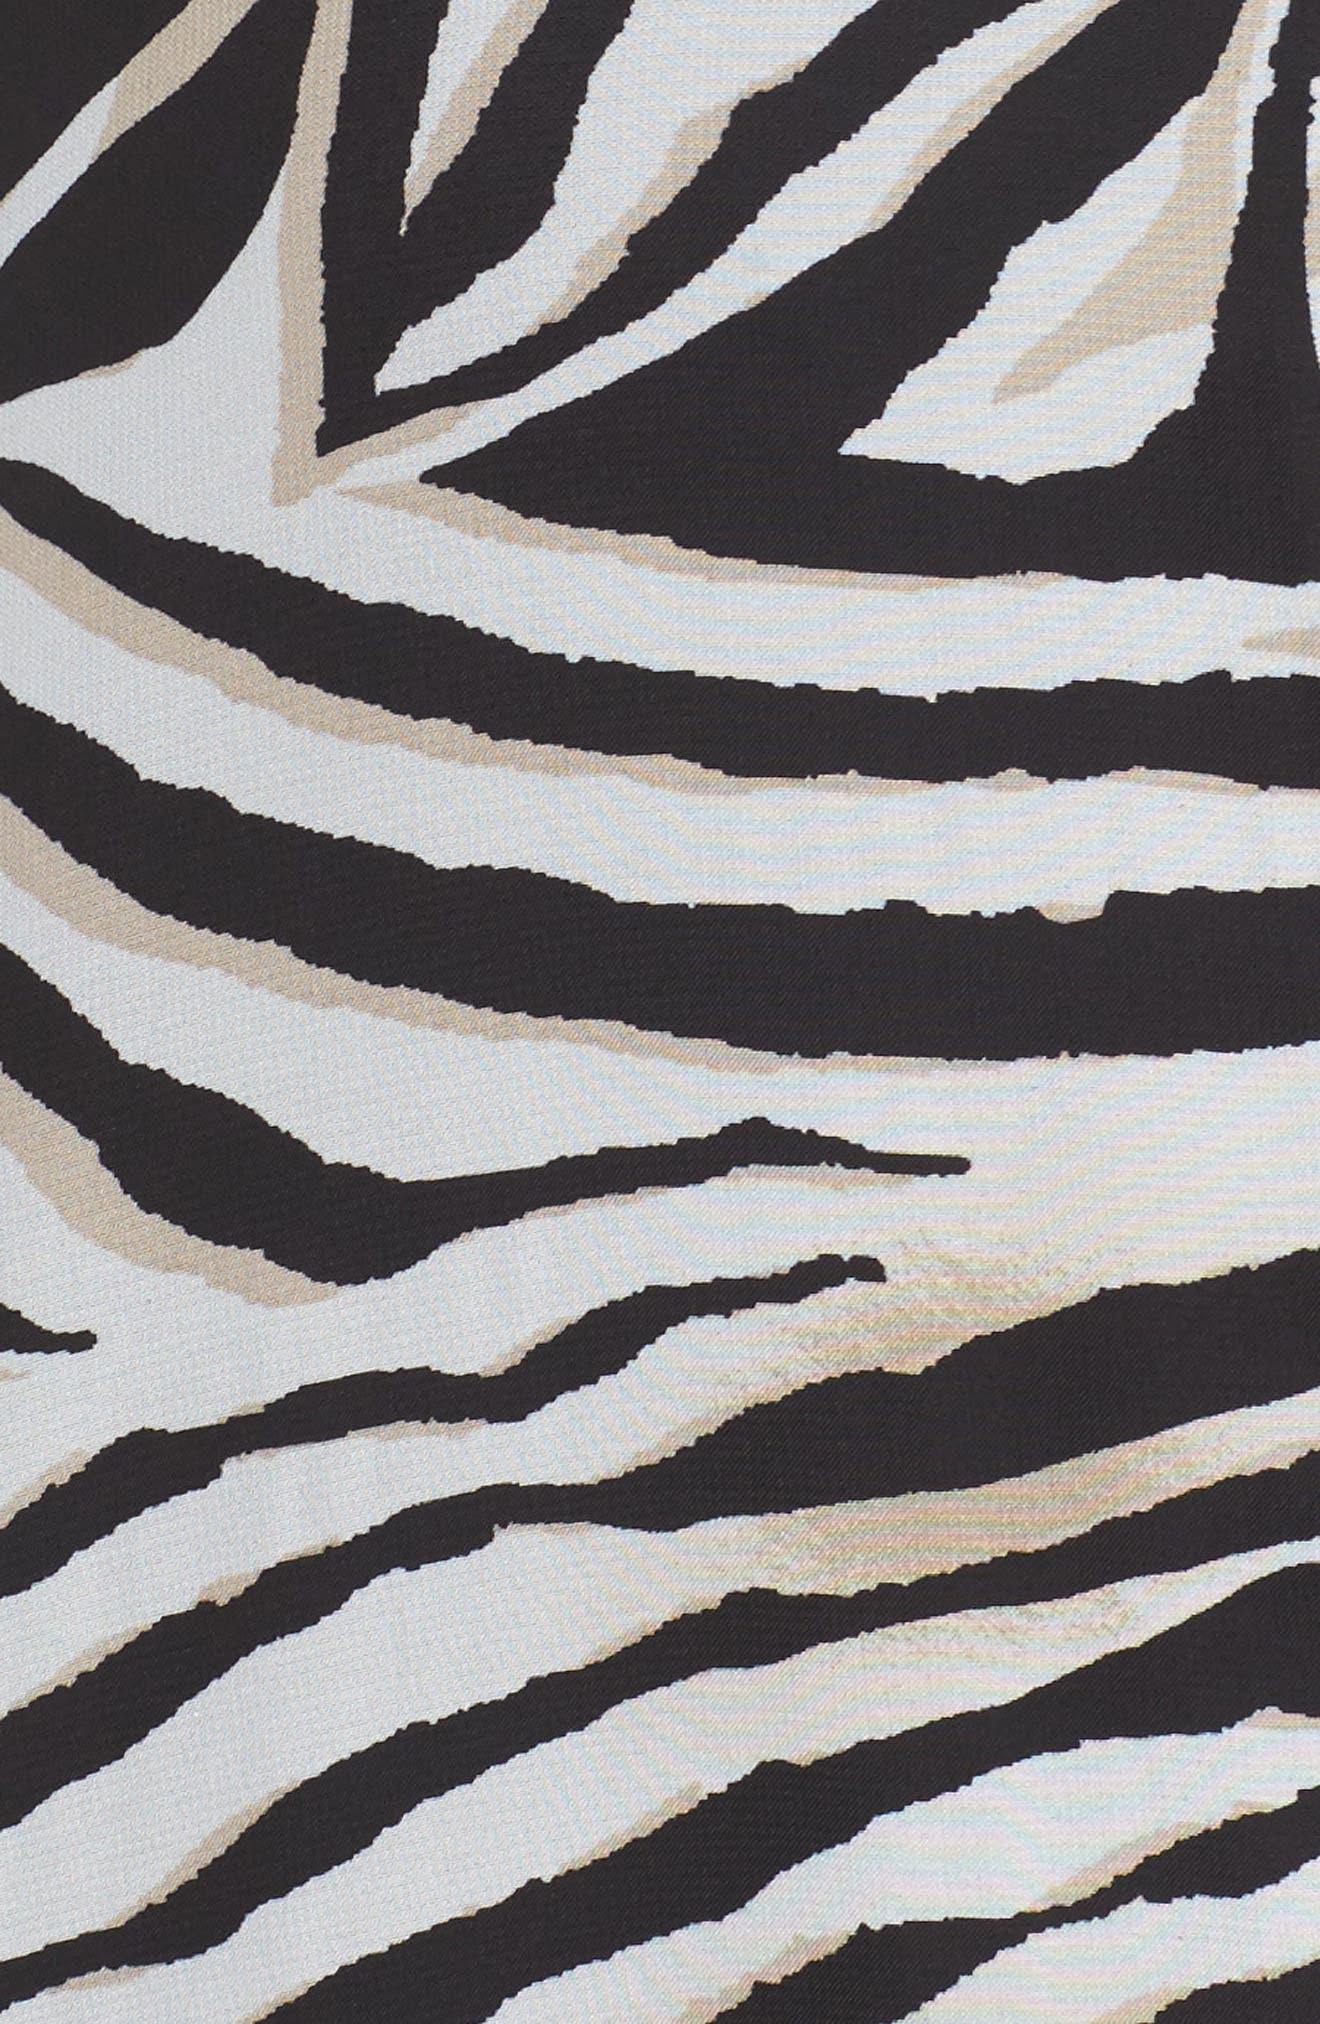 Animal Print Split Maxi Dress,                             Alternate thumbnail 5, color,                             010